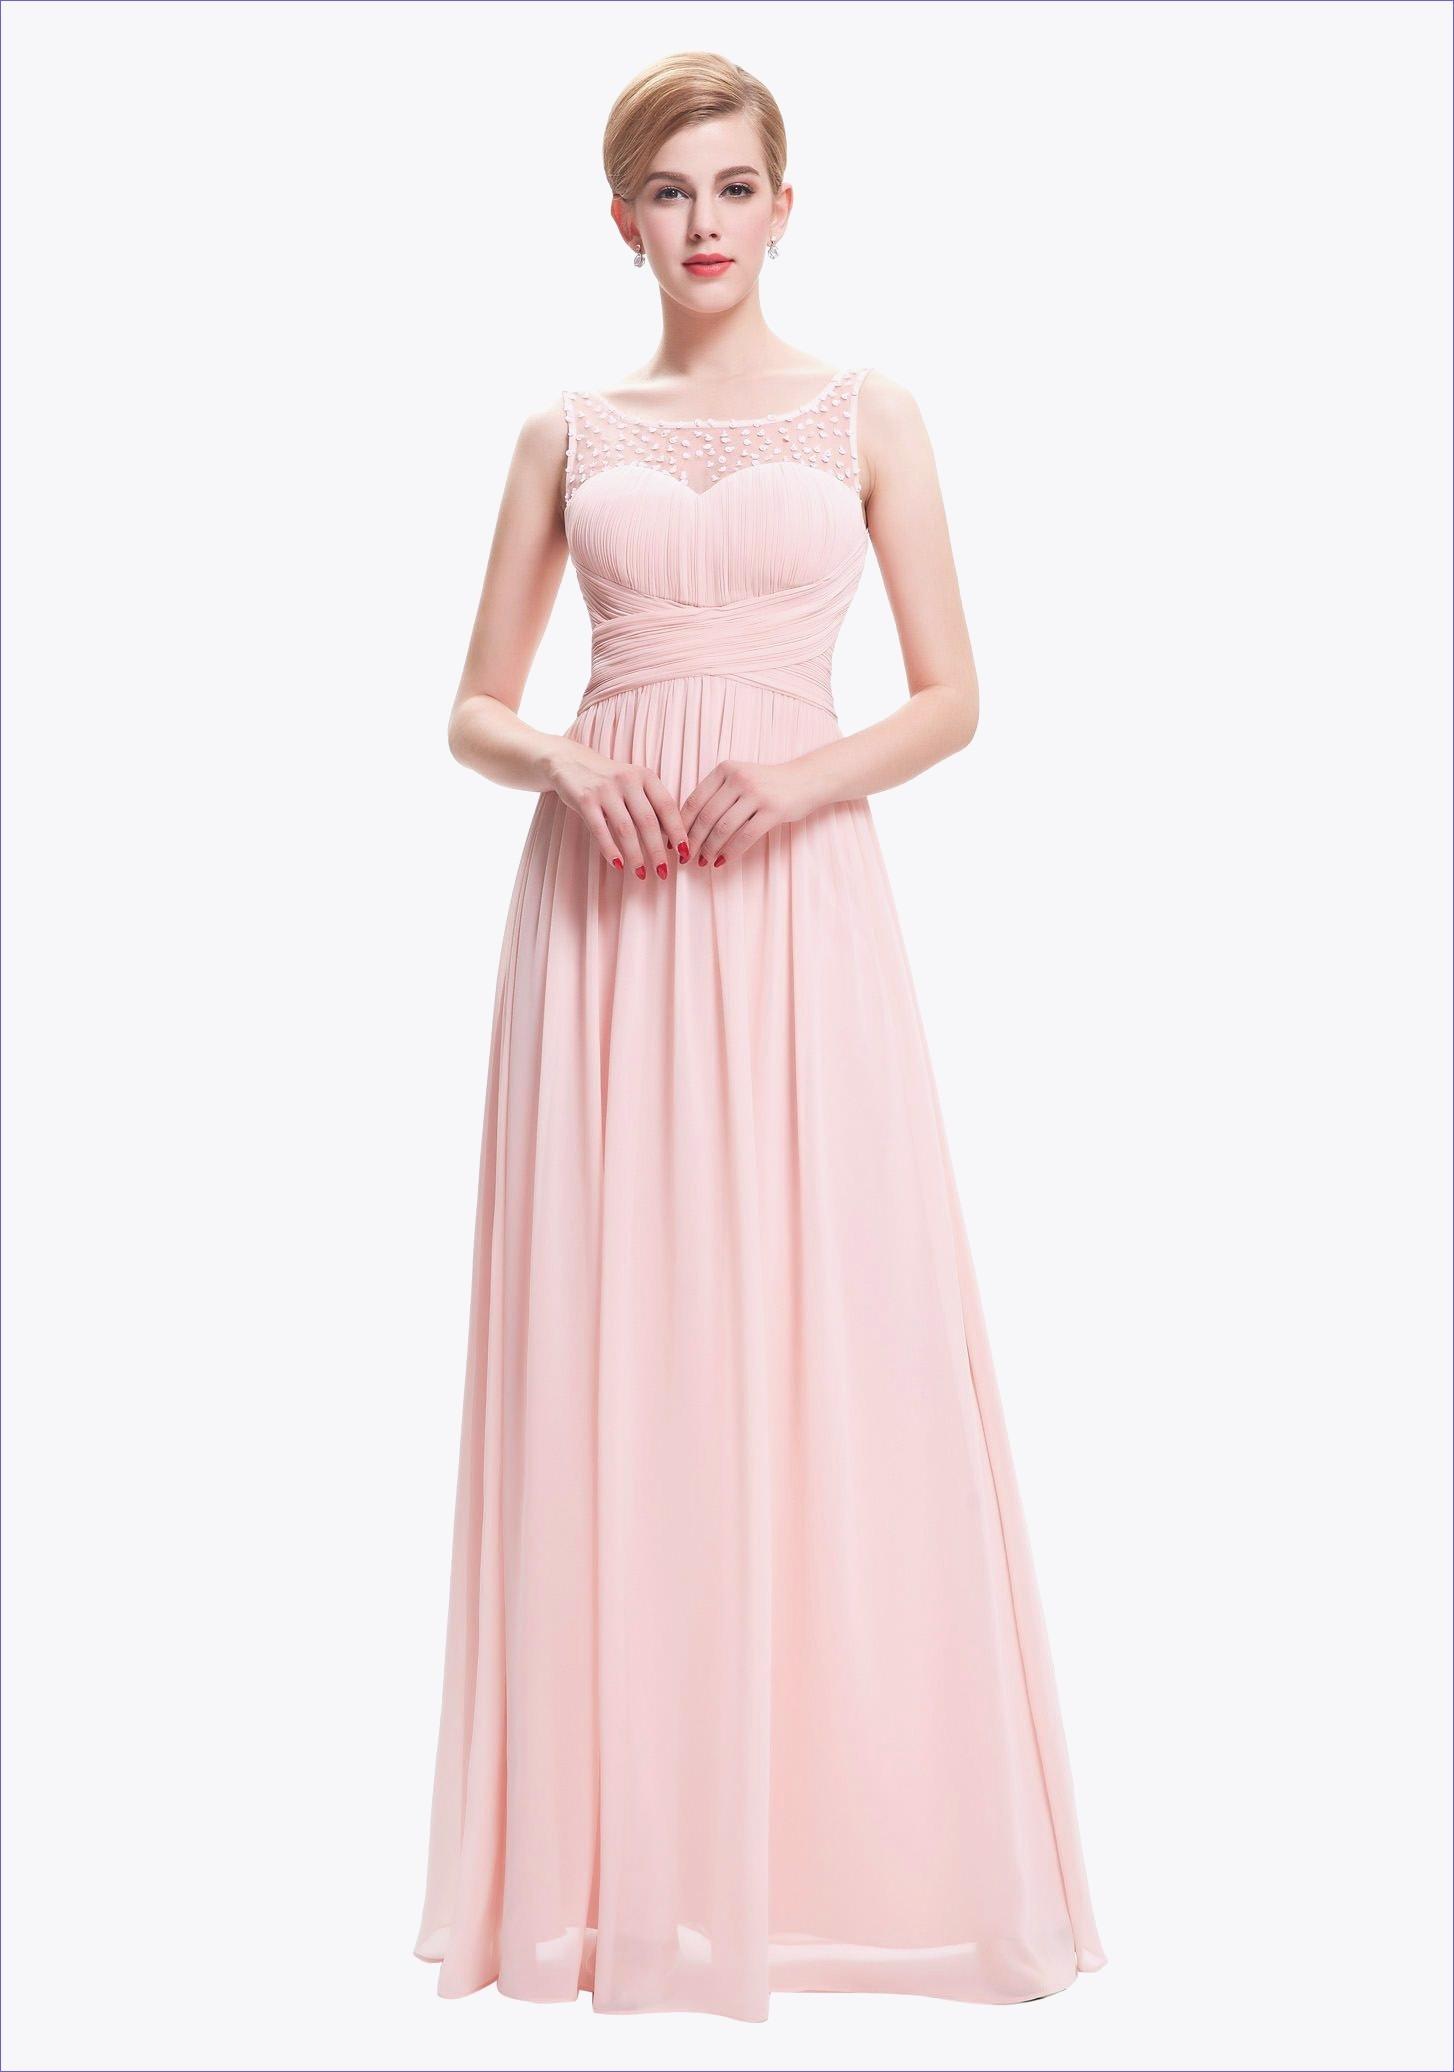 17 Genial Rosa Kleid Für Hochzeit Boutique13 Schön Rosa Kleid Für Hochzeit für 2019